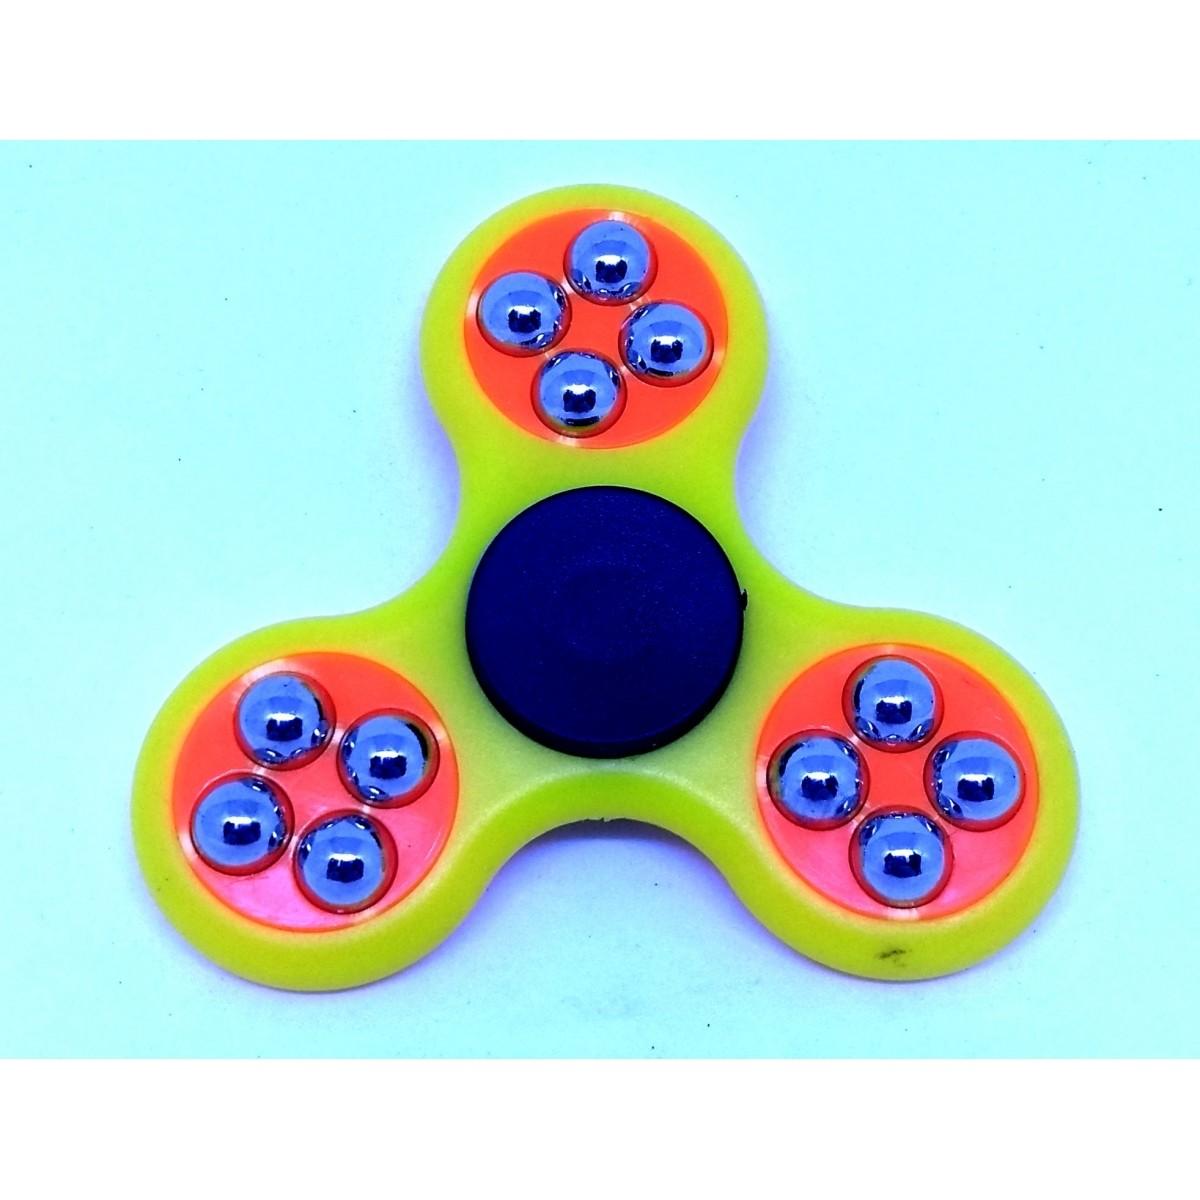 Hand Spinner com bolinhas Amarelo e Laranja - Rolamento Anti Estresse Fidget Hand Spinner